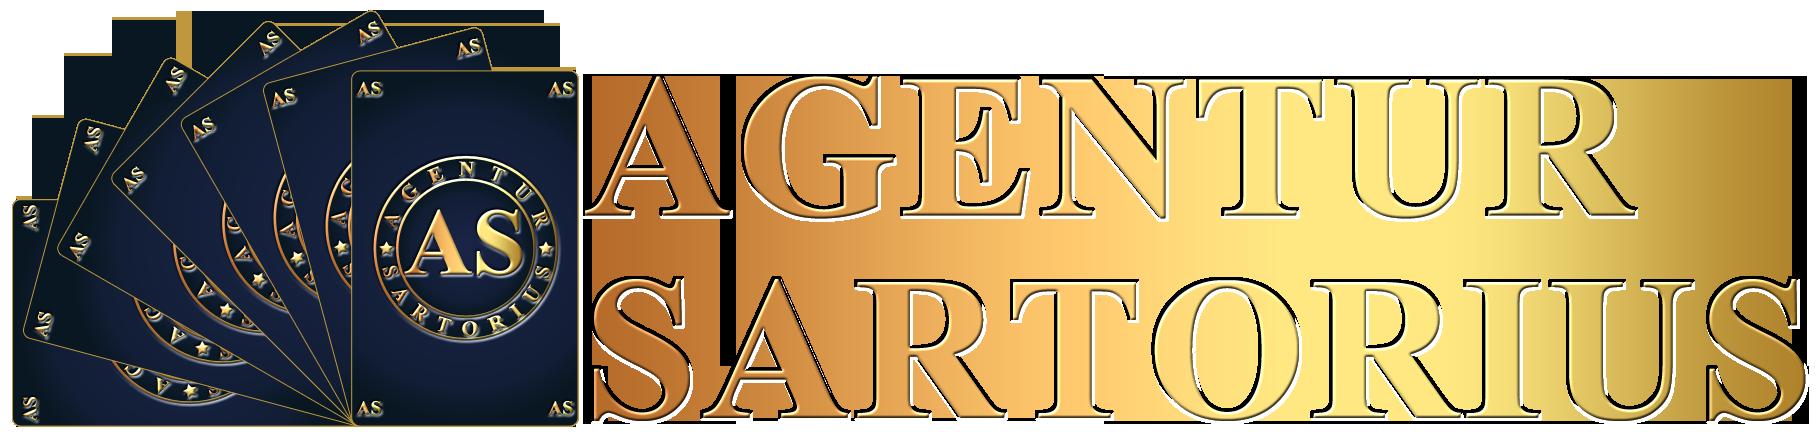 Agentur Sartorius